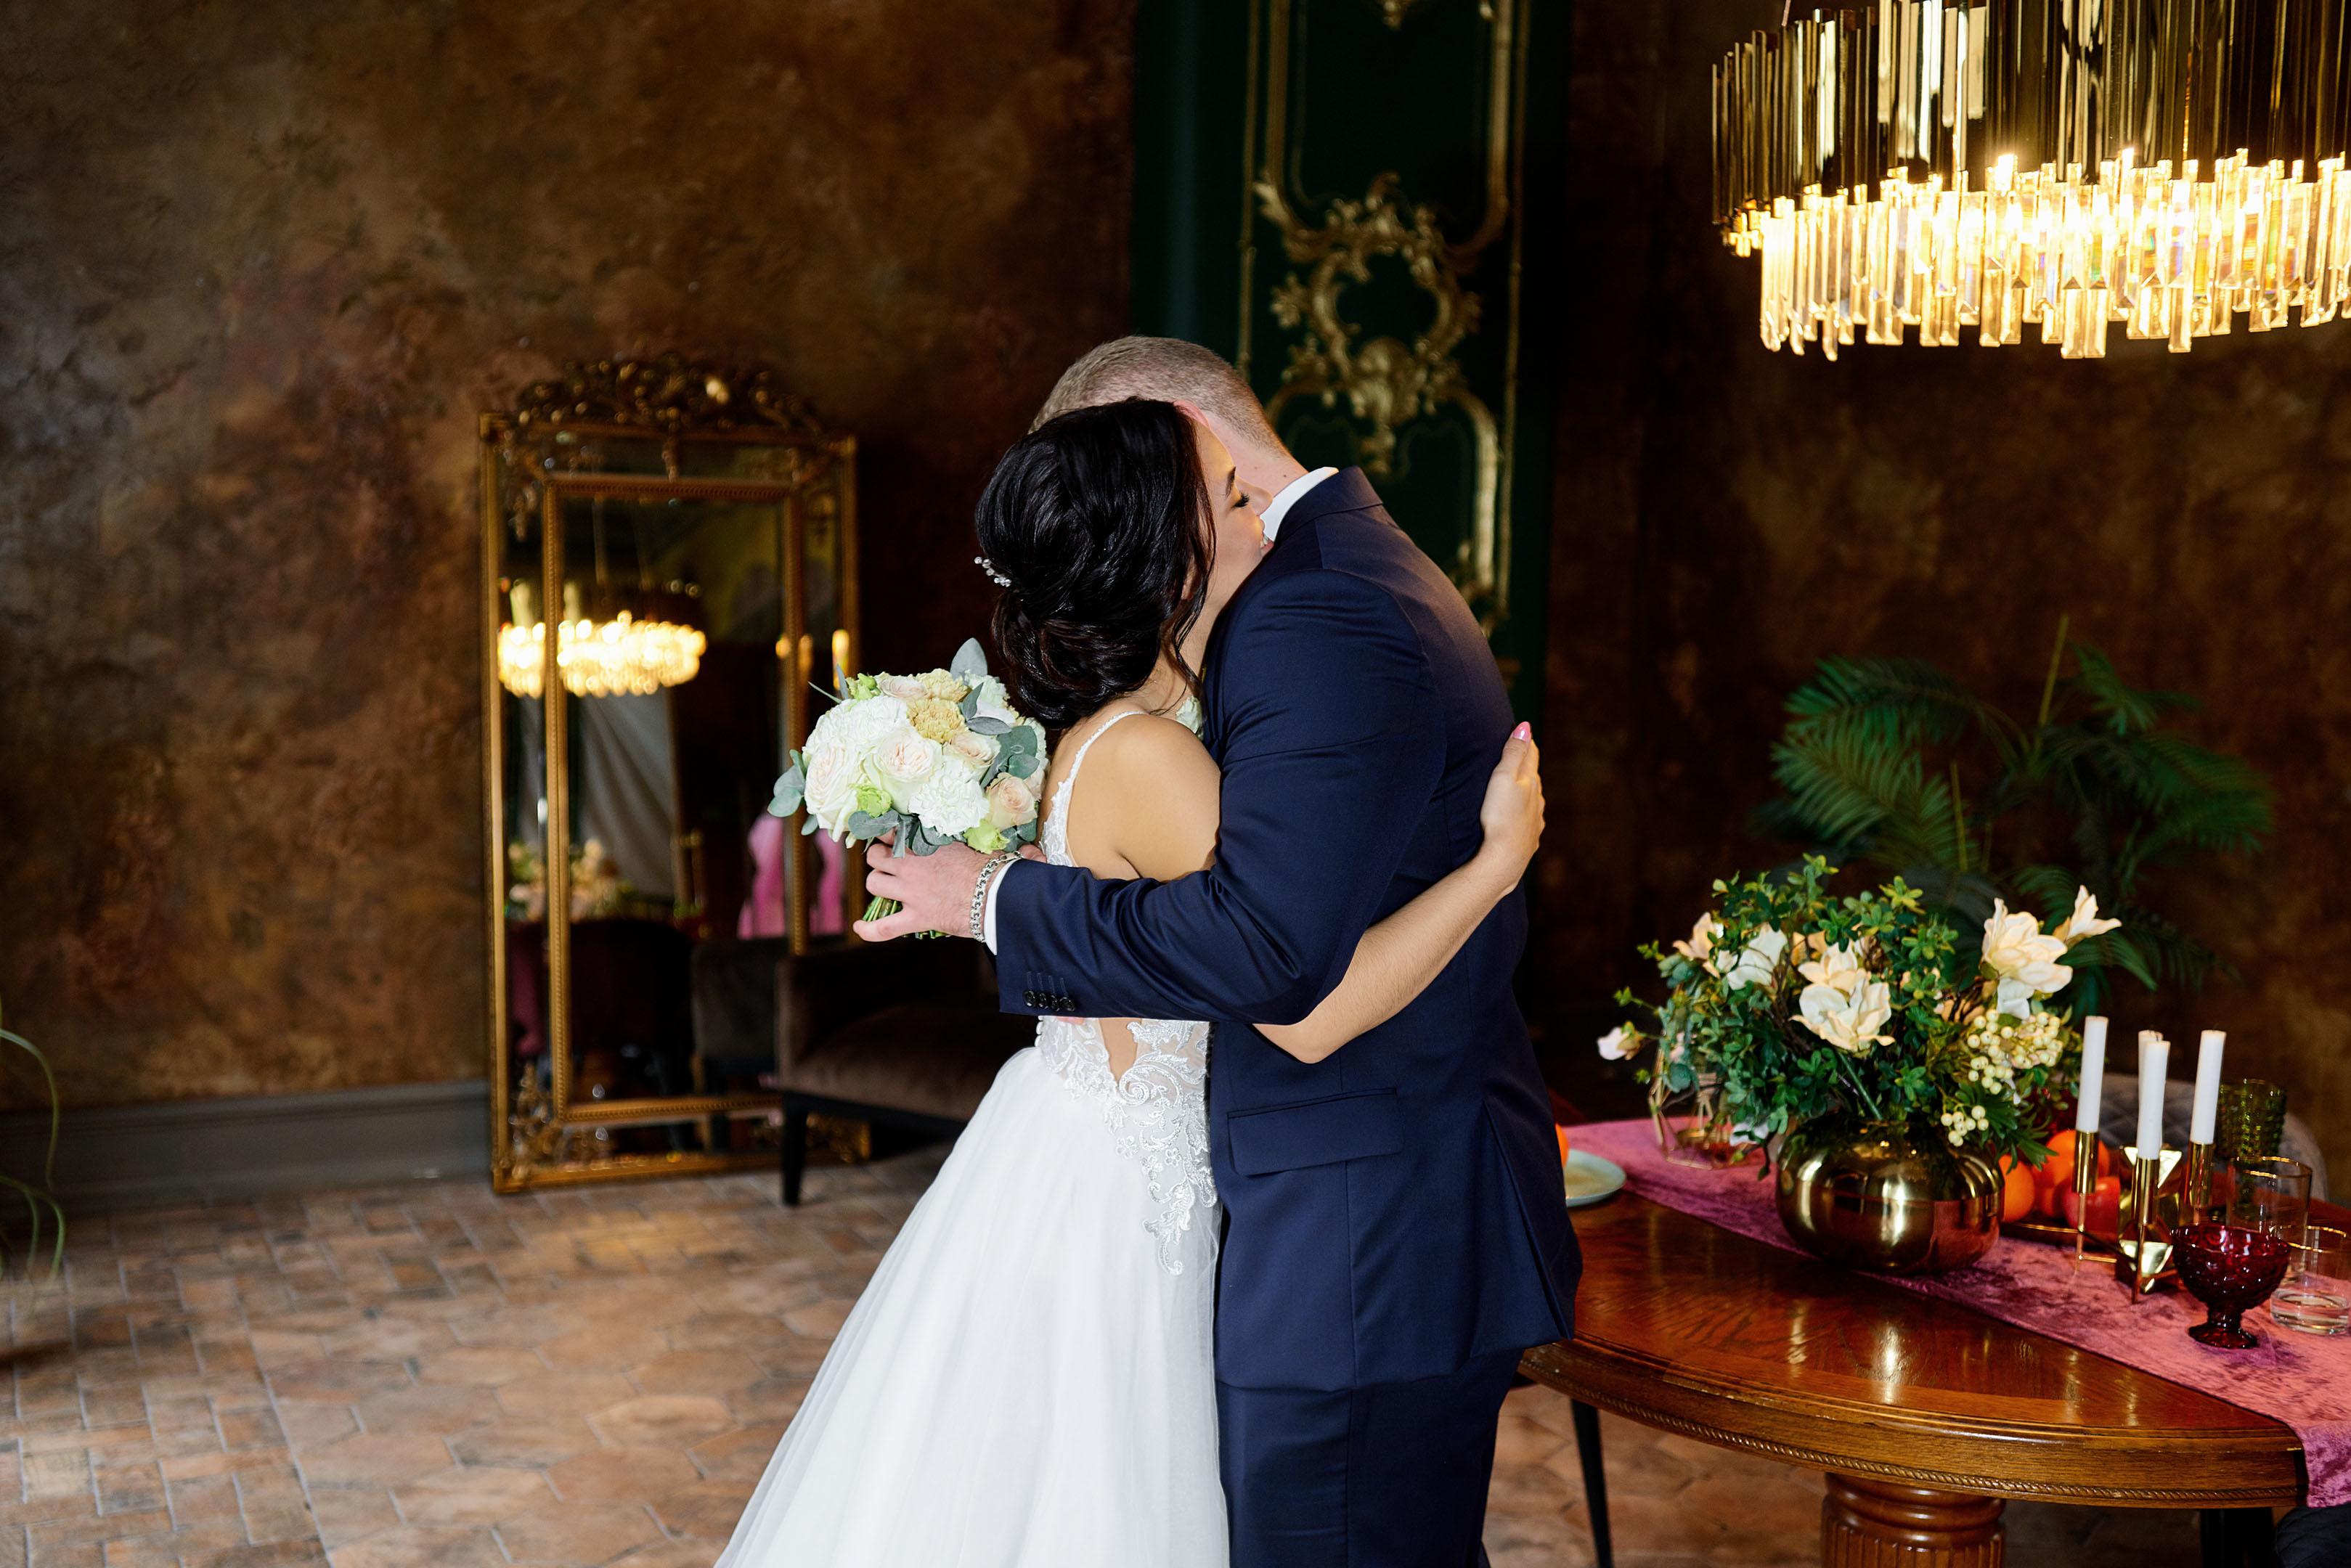 Свадебная фотосессия в фотостудии, свадебный фотограф спб